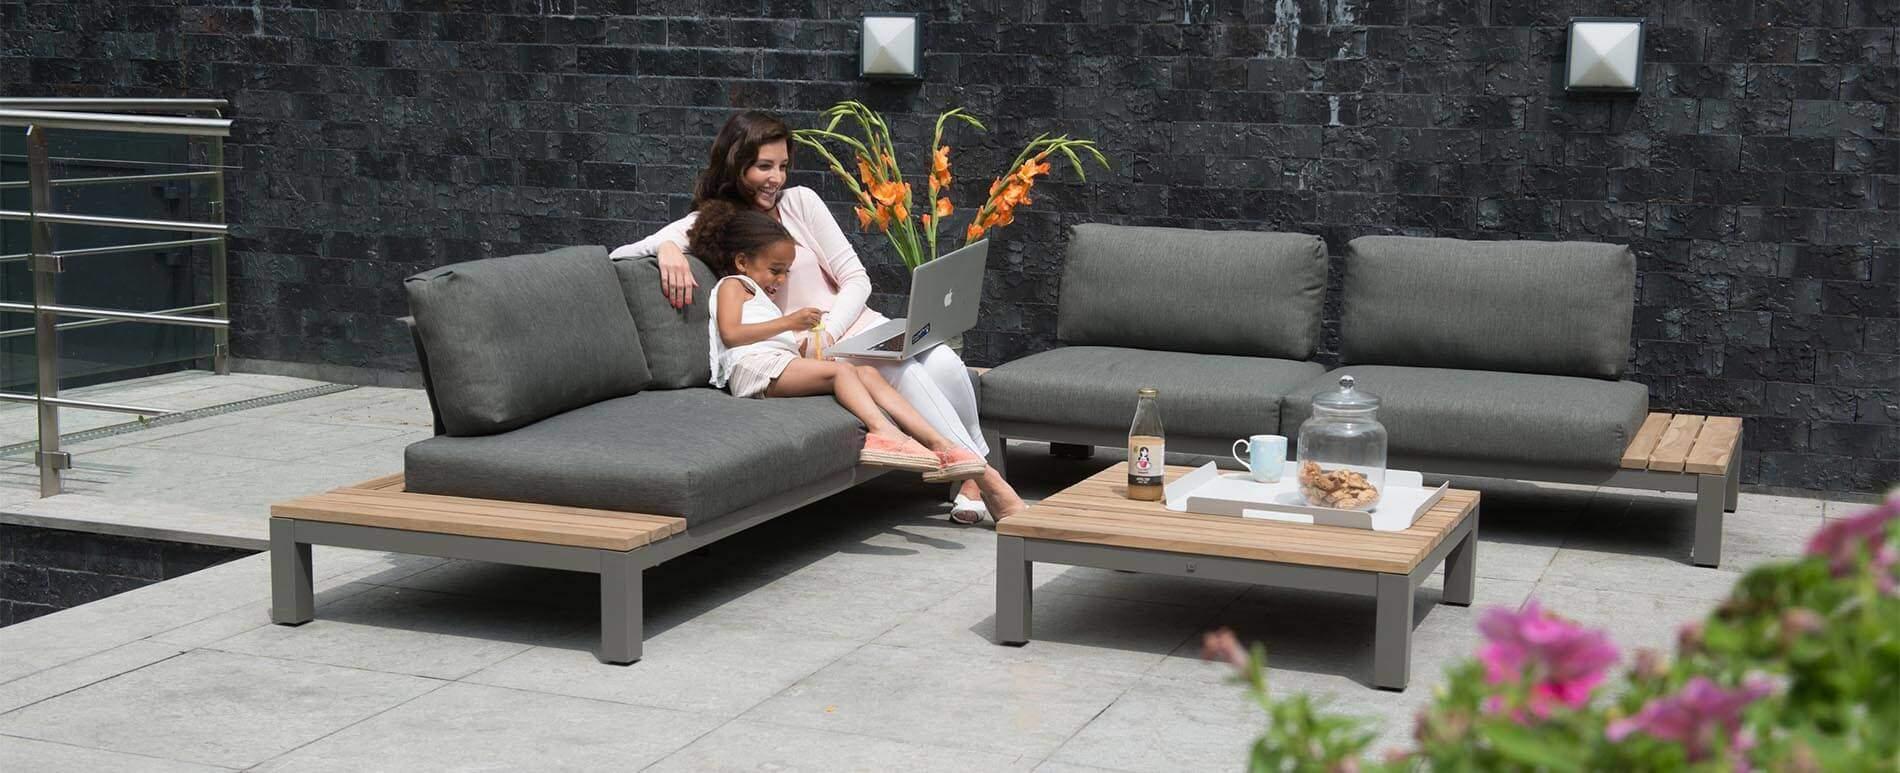 gartenm bel fidji lounge dunkle polster teakholz und aluminiumrahm. Black Bedroom Furniture Sets. Home Design Ideas